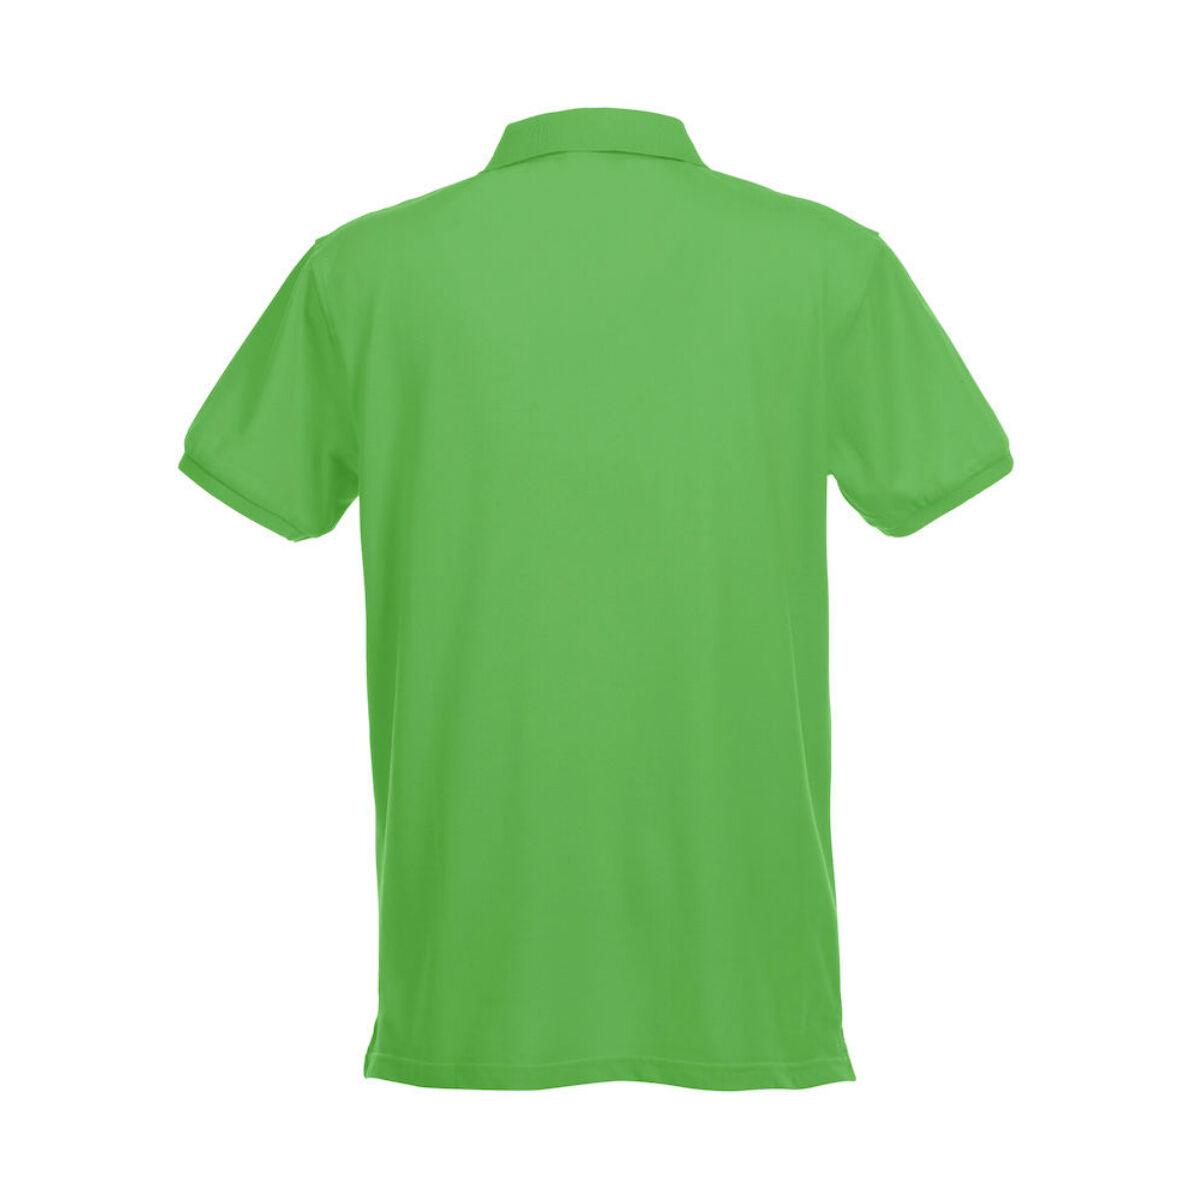 Clique Premium Polo Shirt (Men's Apple Green)